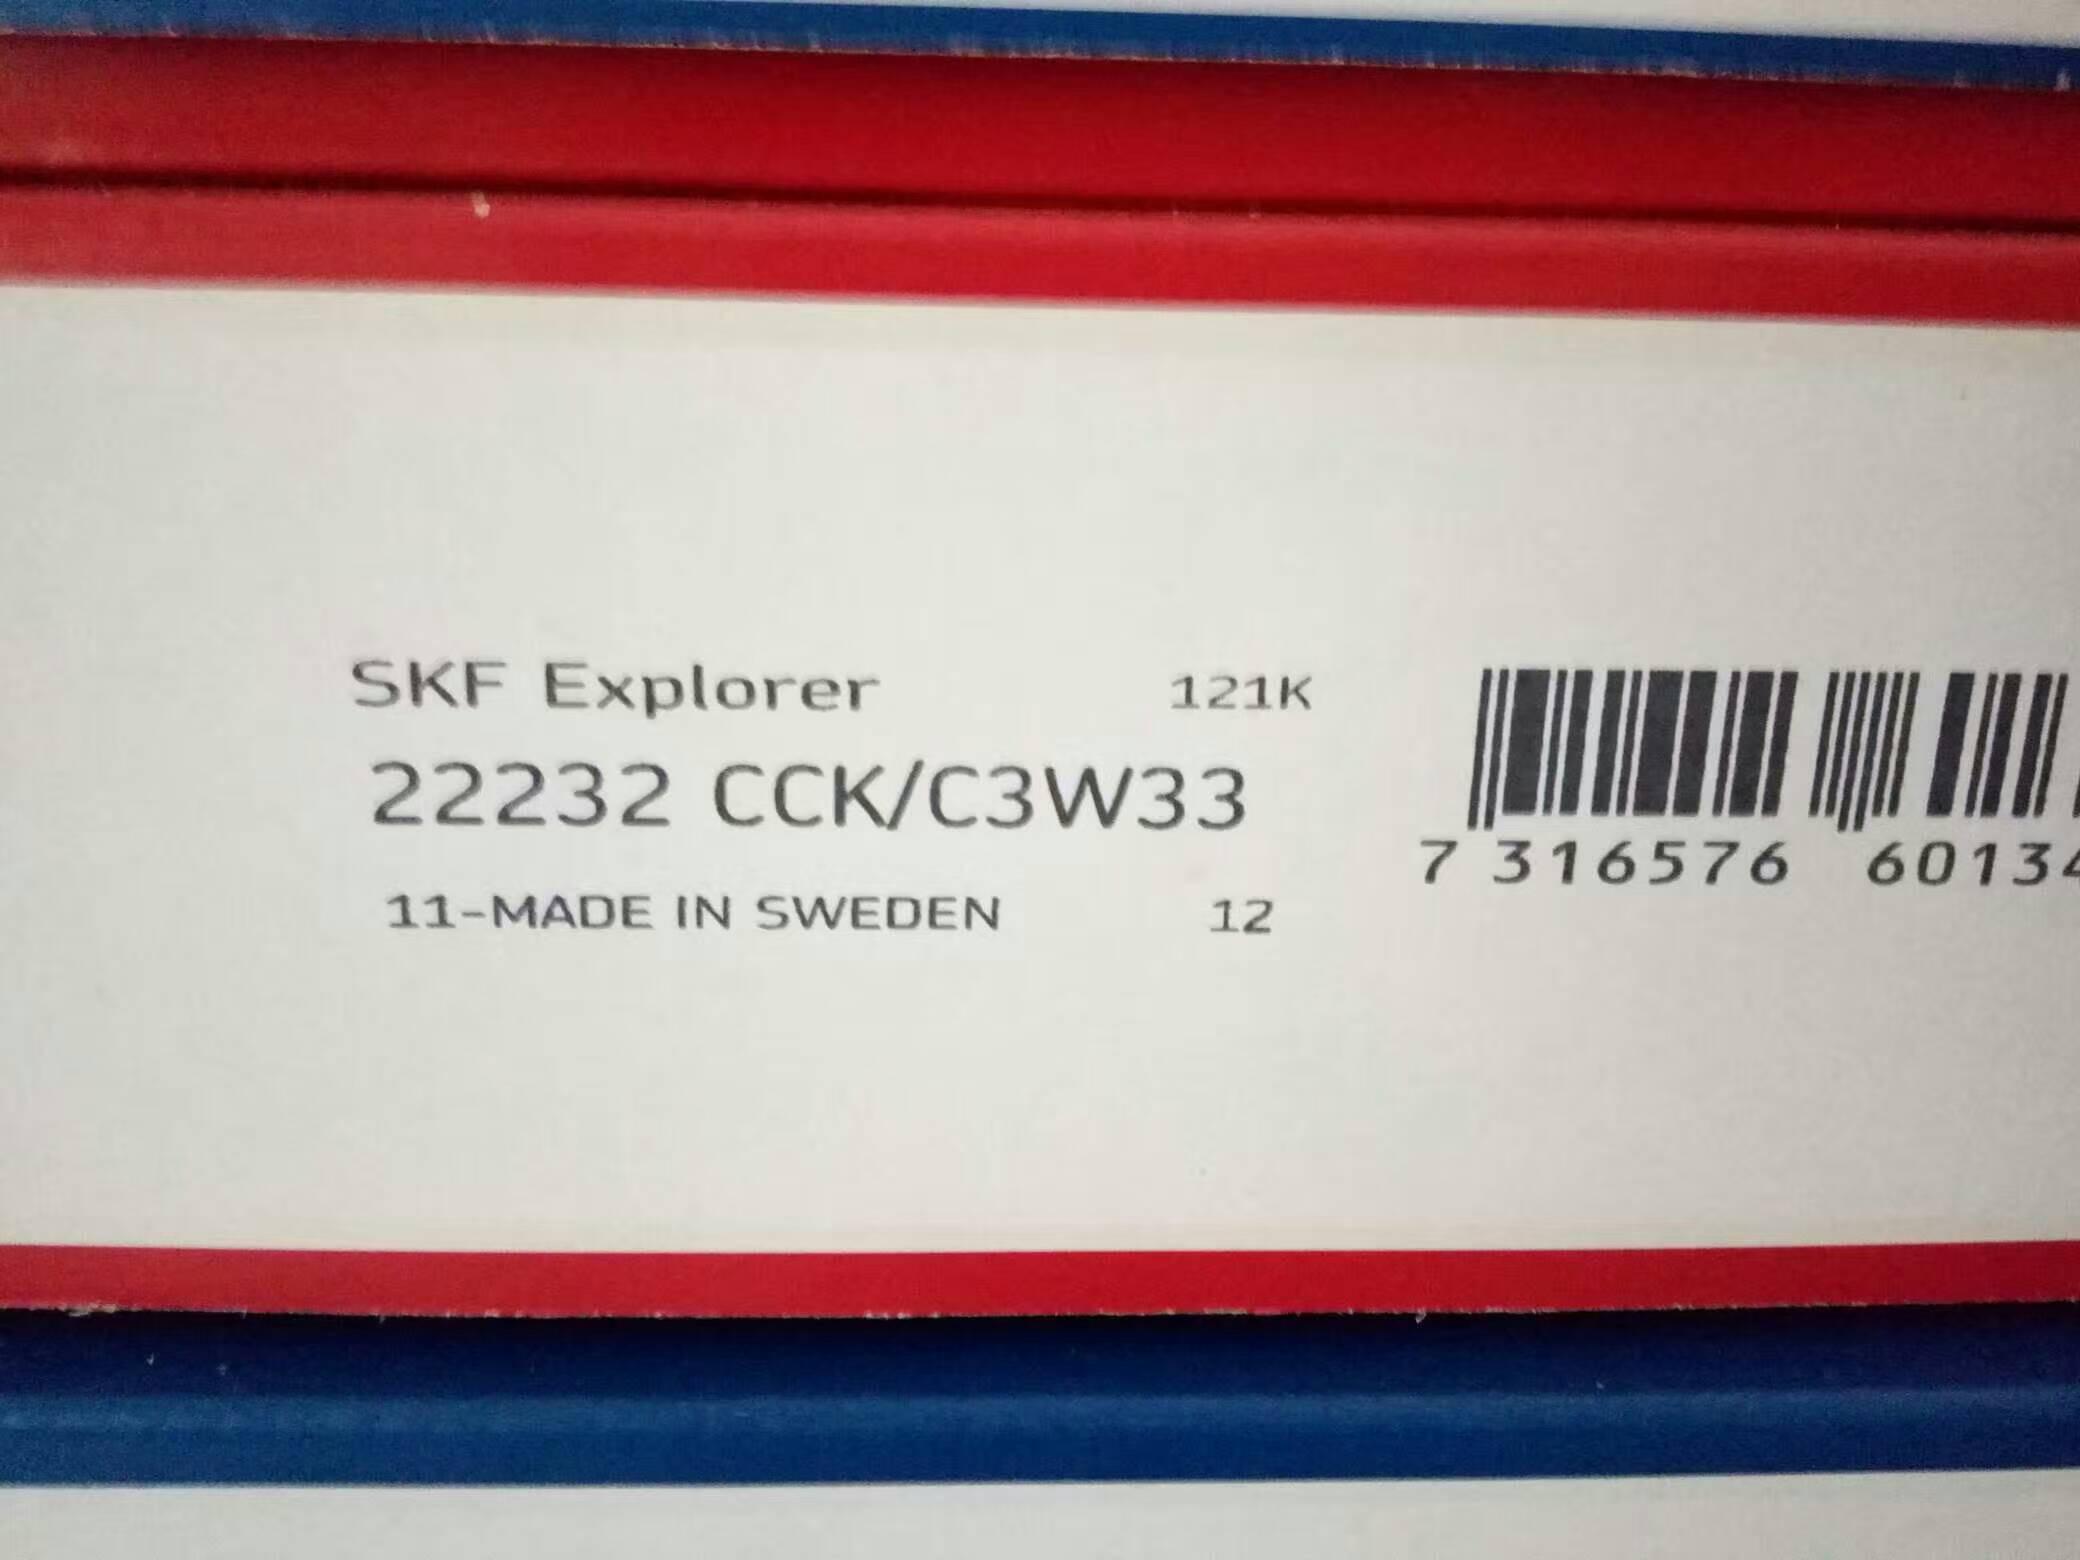 22232CCK/C3W33